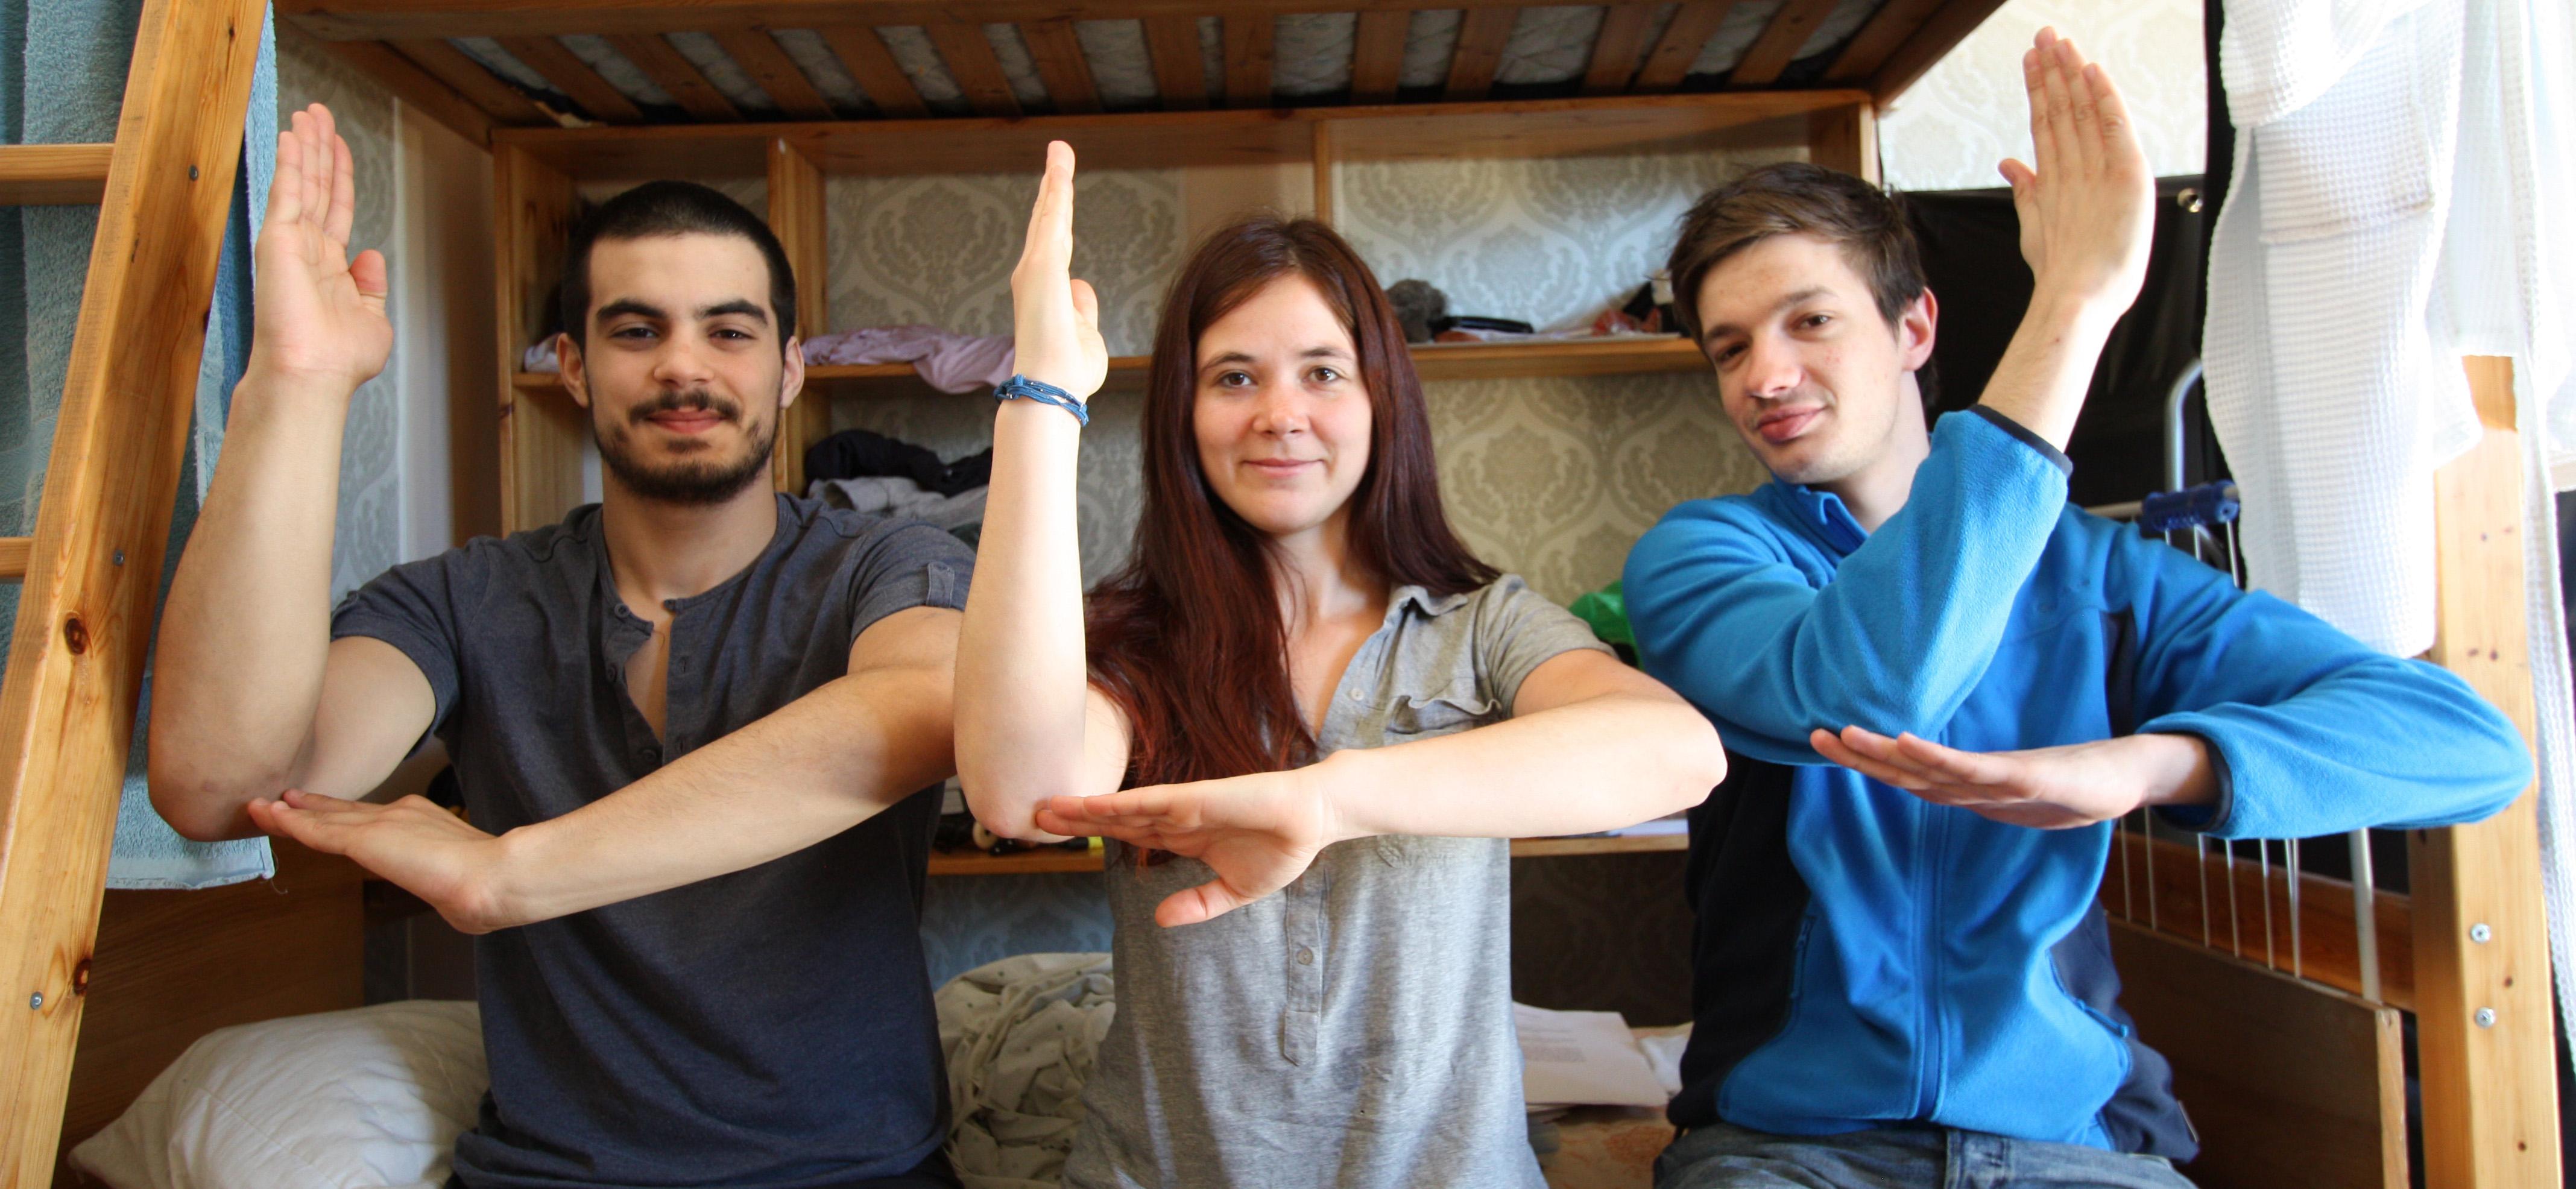 Minsk combien coГ»te une coupe de cheveux fГ©minine